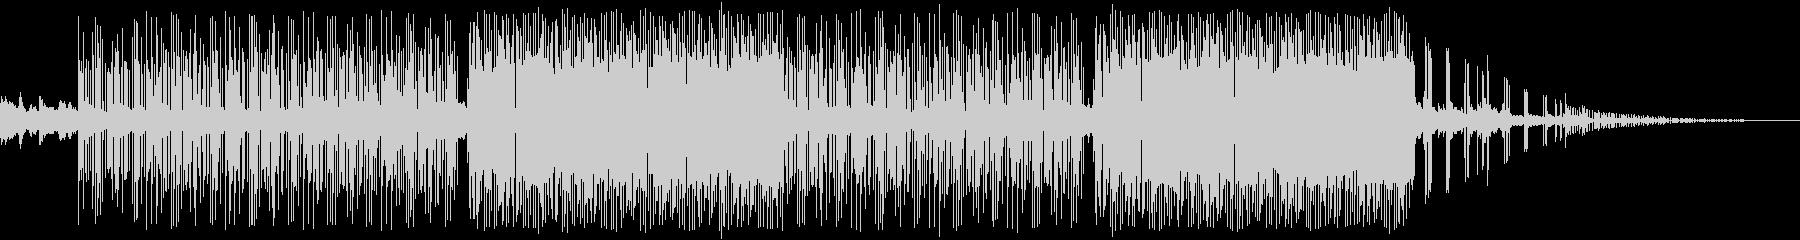 幻想的ギターlofiピアノトラップビートの未再生の波形